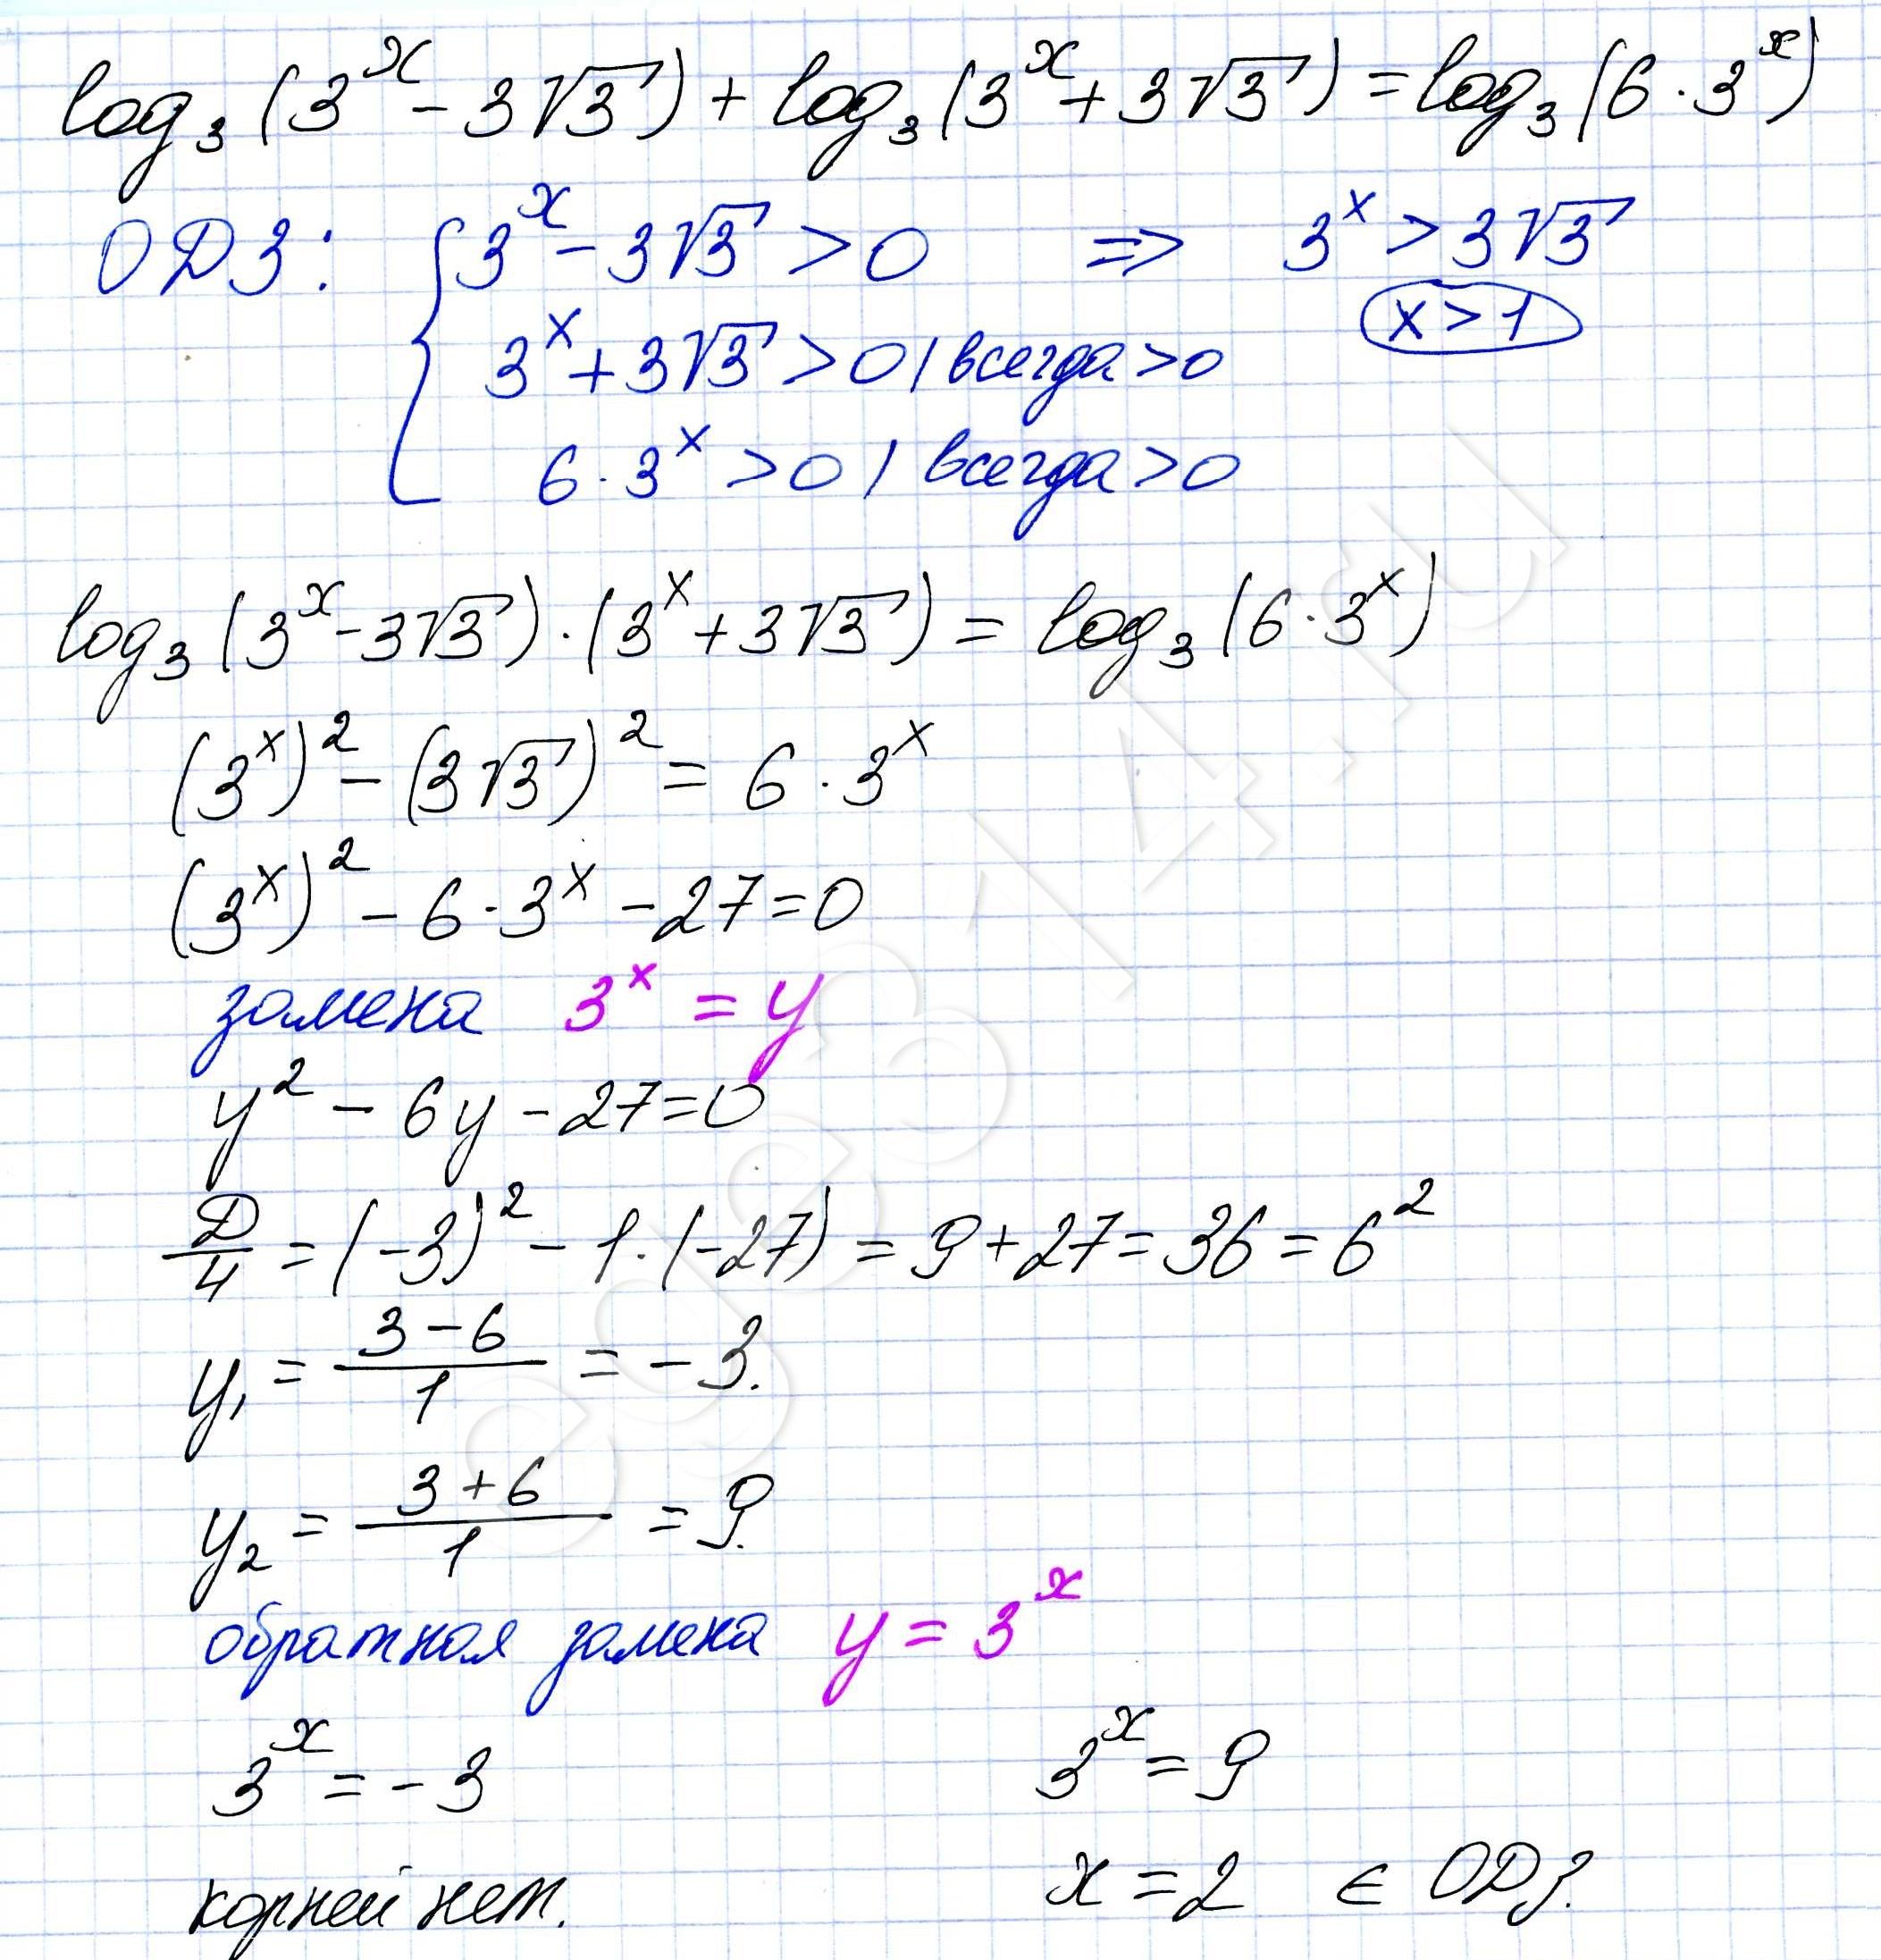 5. Найдите корень уравнения или среднее арифметическое его корней, если их несколько.